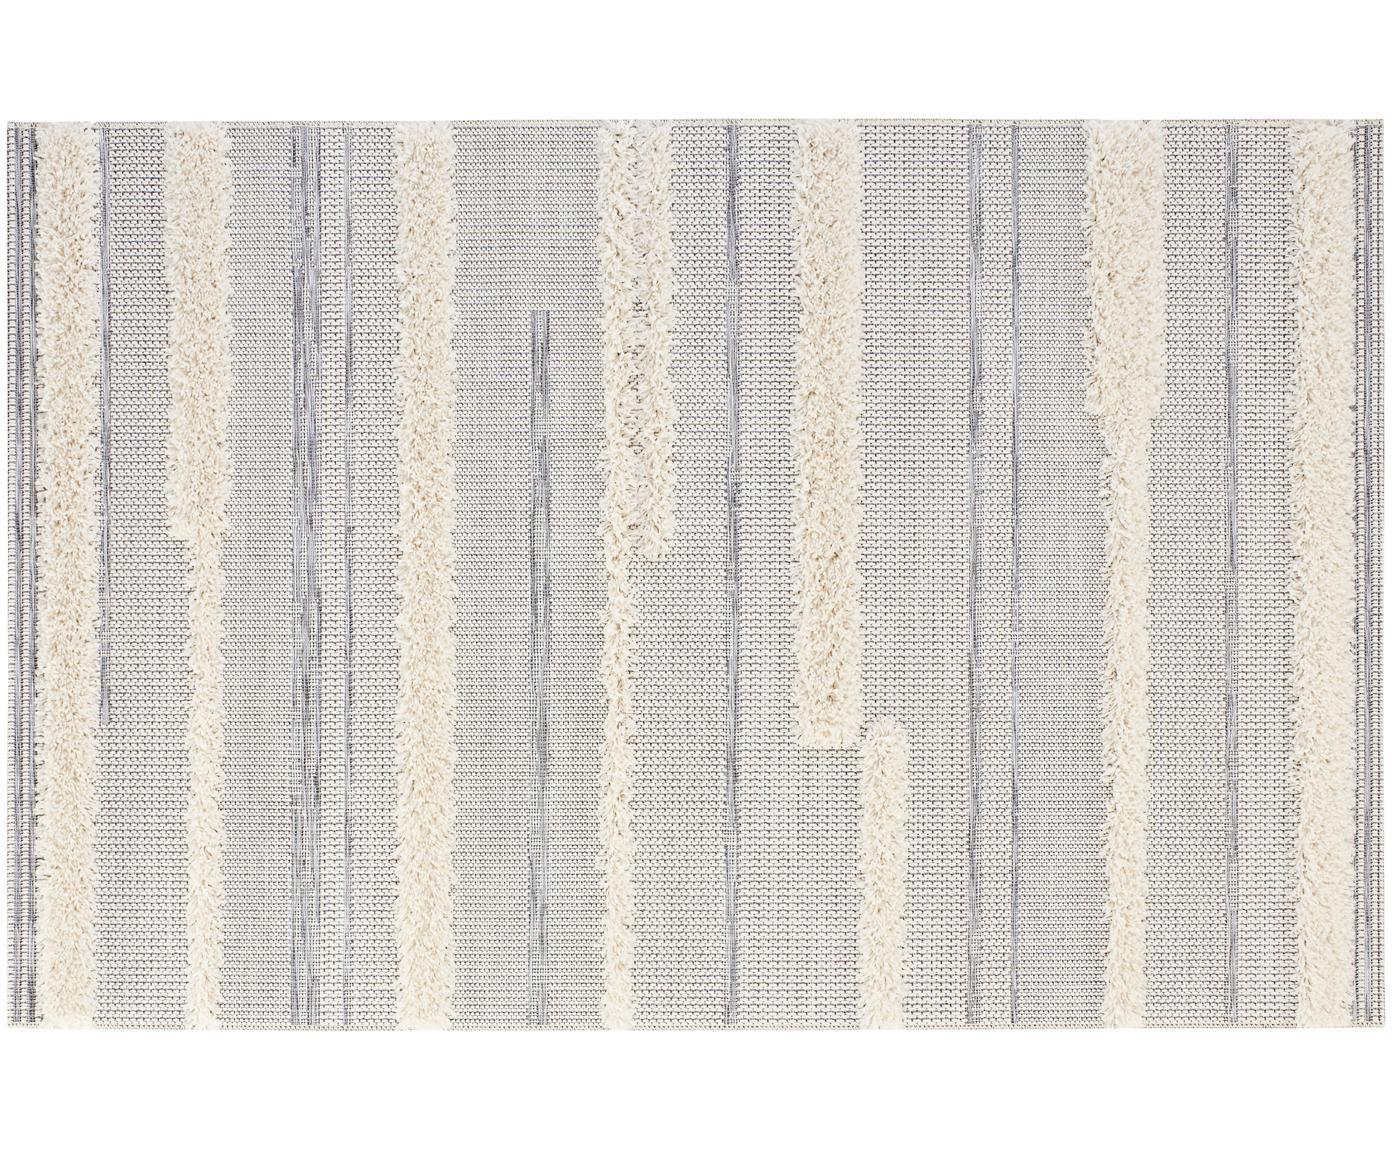 Tappeto da interno-esterno grigio-crema Ifrane, Retro: polipropilene, Crema, grigio, Larg. 115 x Lung. 170 cm (taglia S)